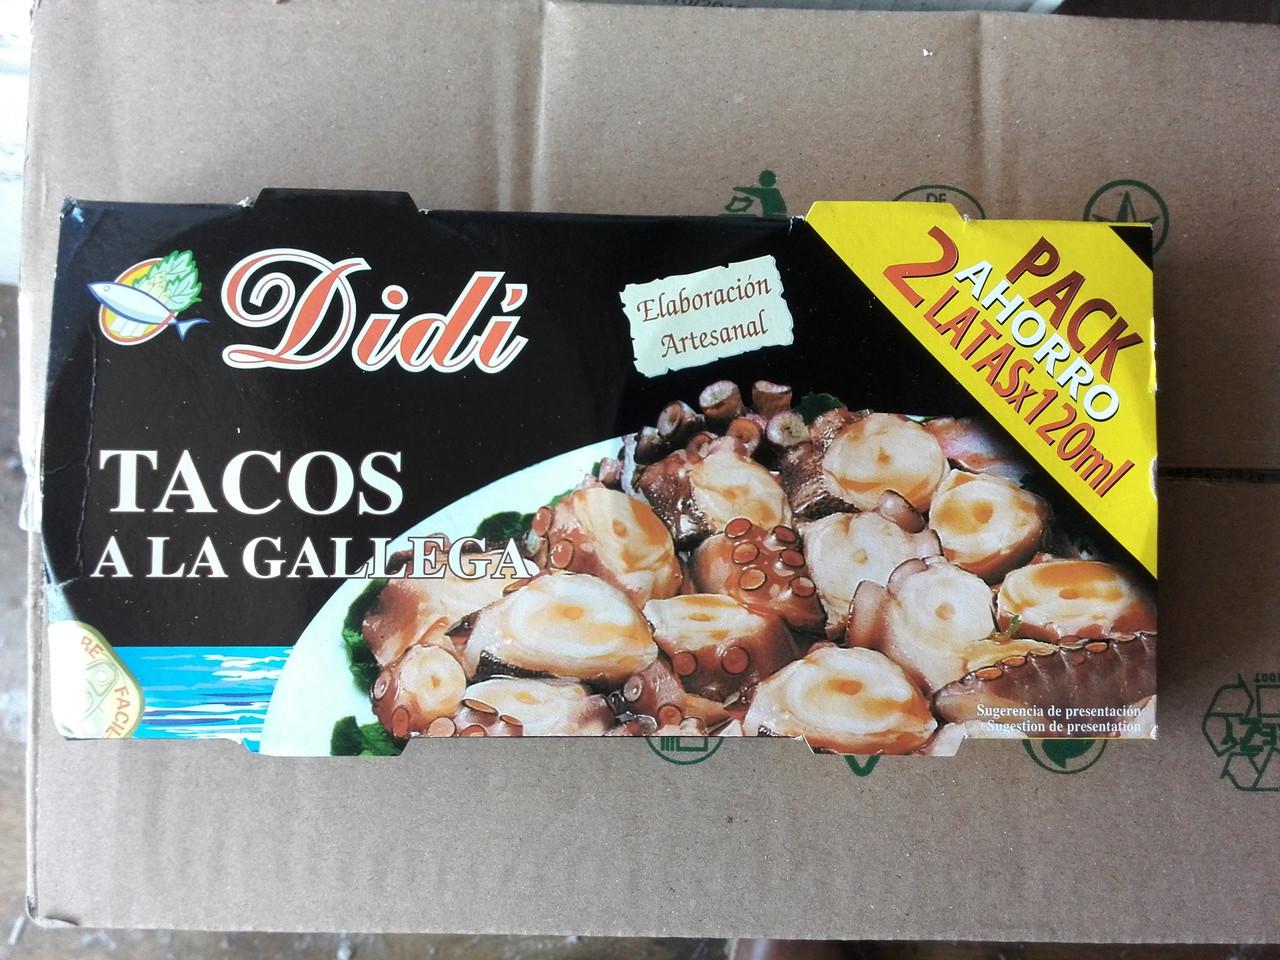 Кальмар в галицком соусе Tacos A la Gallega Didi, 220 г